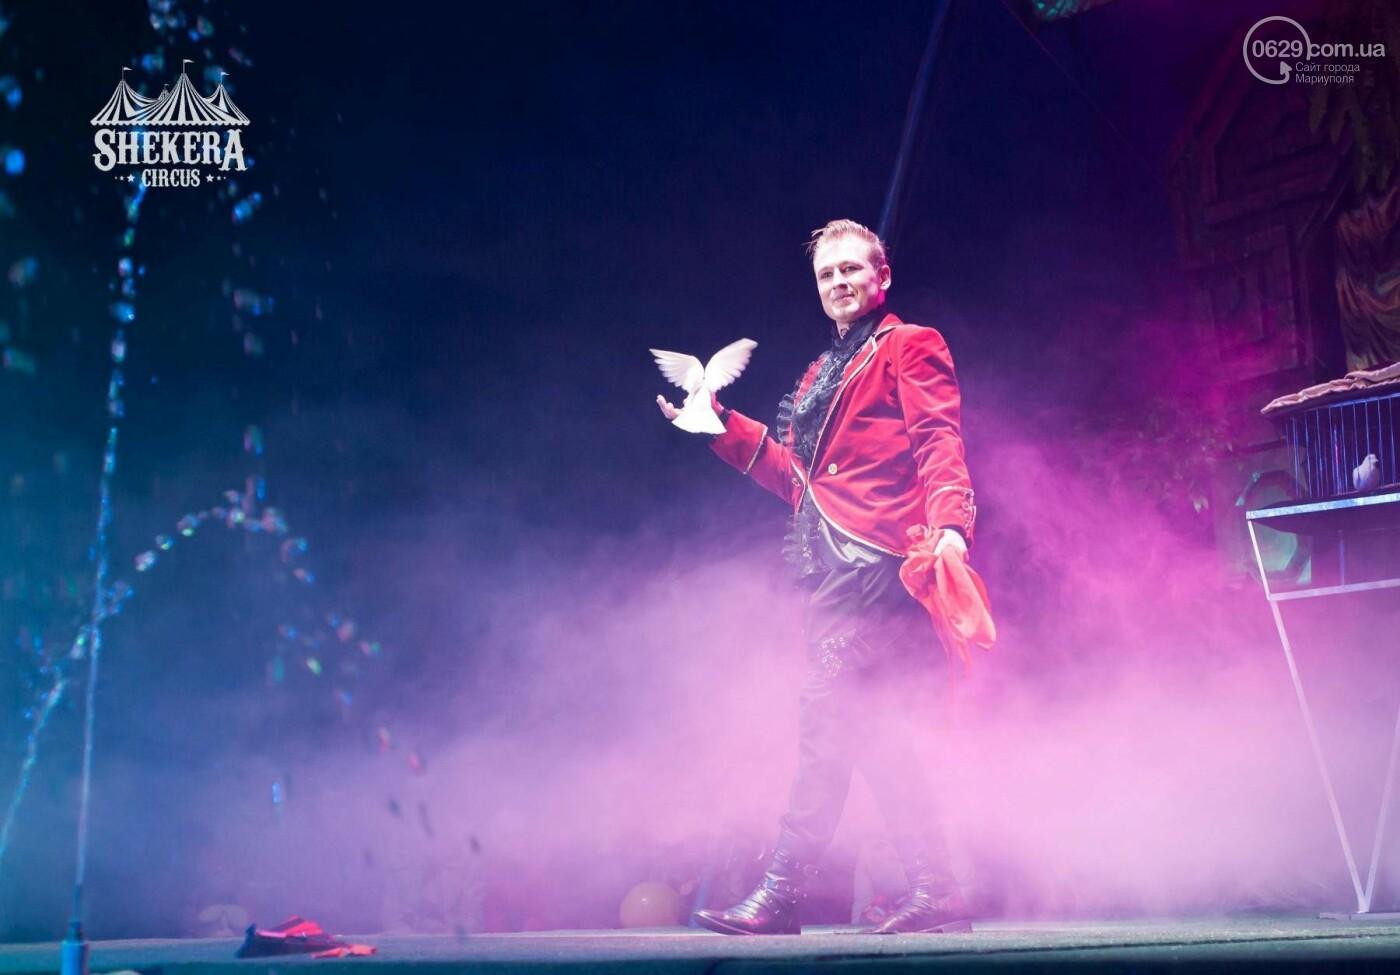 """Вперше у Маріуполі! Зустрічайте цирк """"Shekera"""" з новою програмою """"Alazana"""", фото-1"""